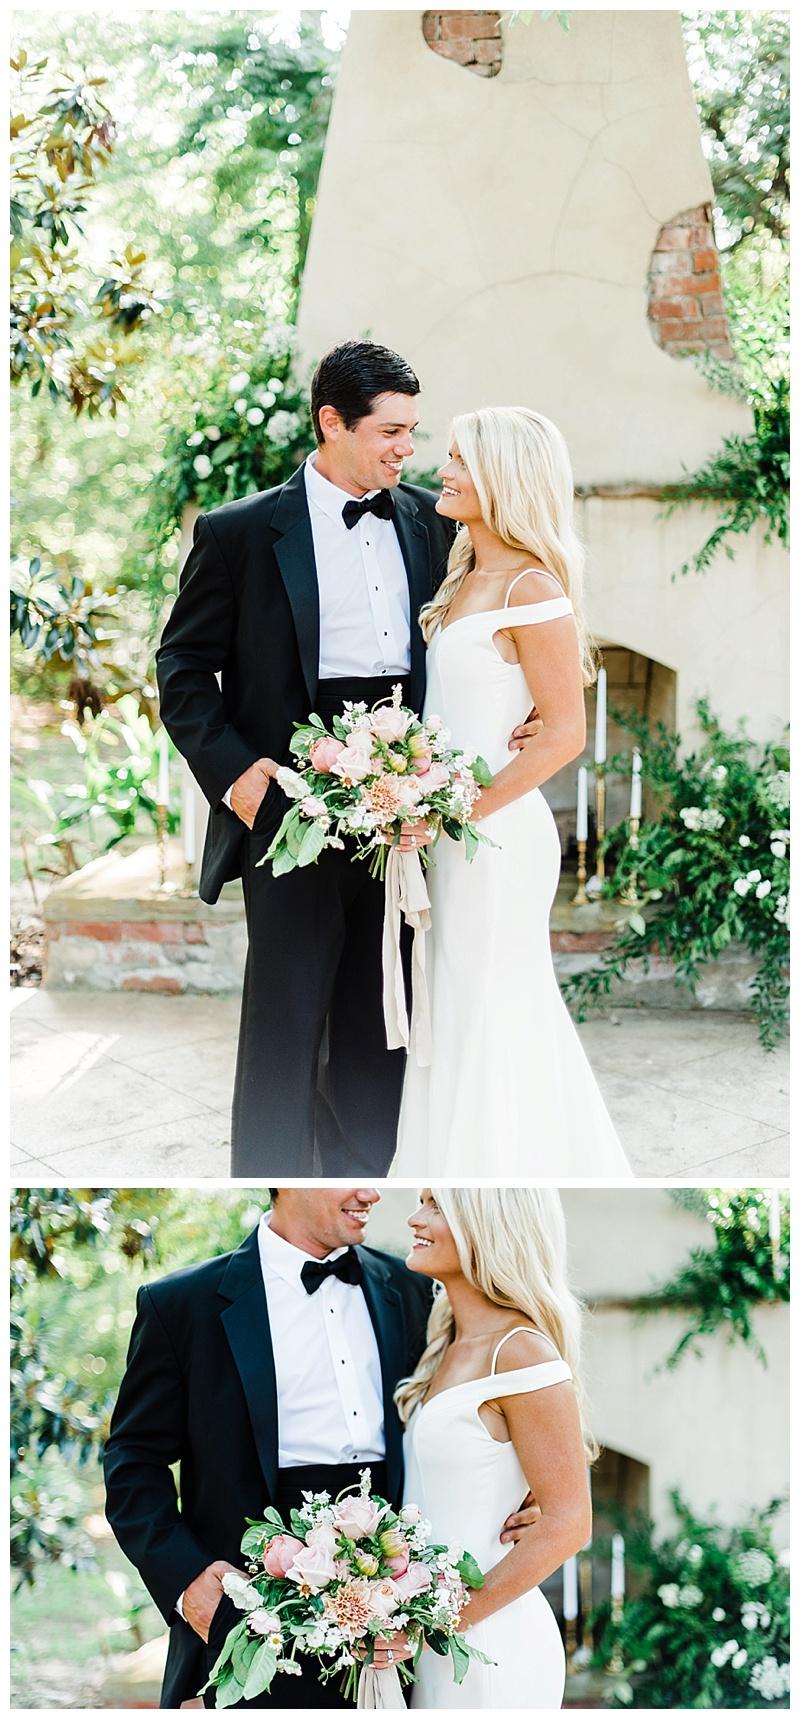 5whitneykrenek.com Wedding Photographer . Dallas, Tx Shreveport, LA.jpg